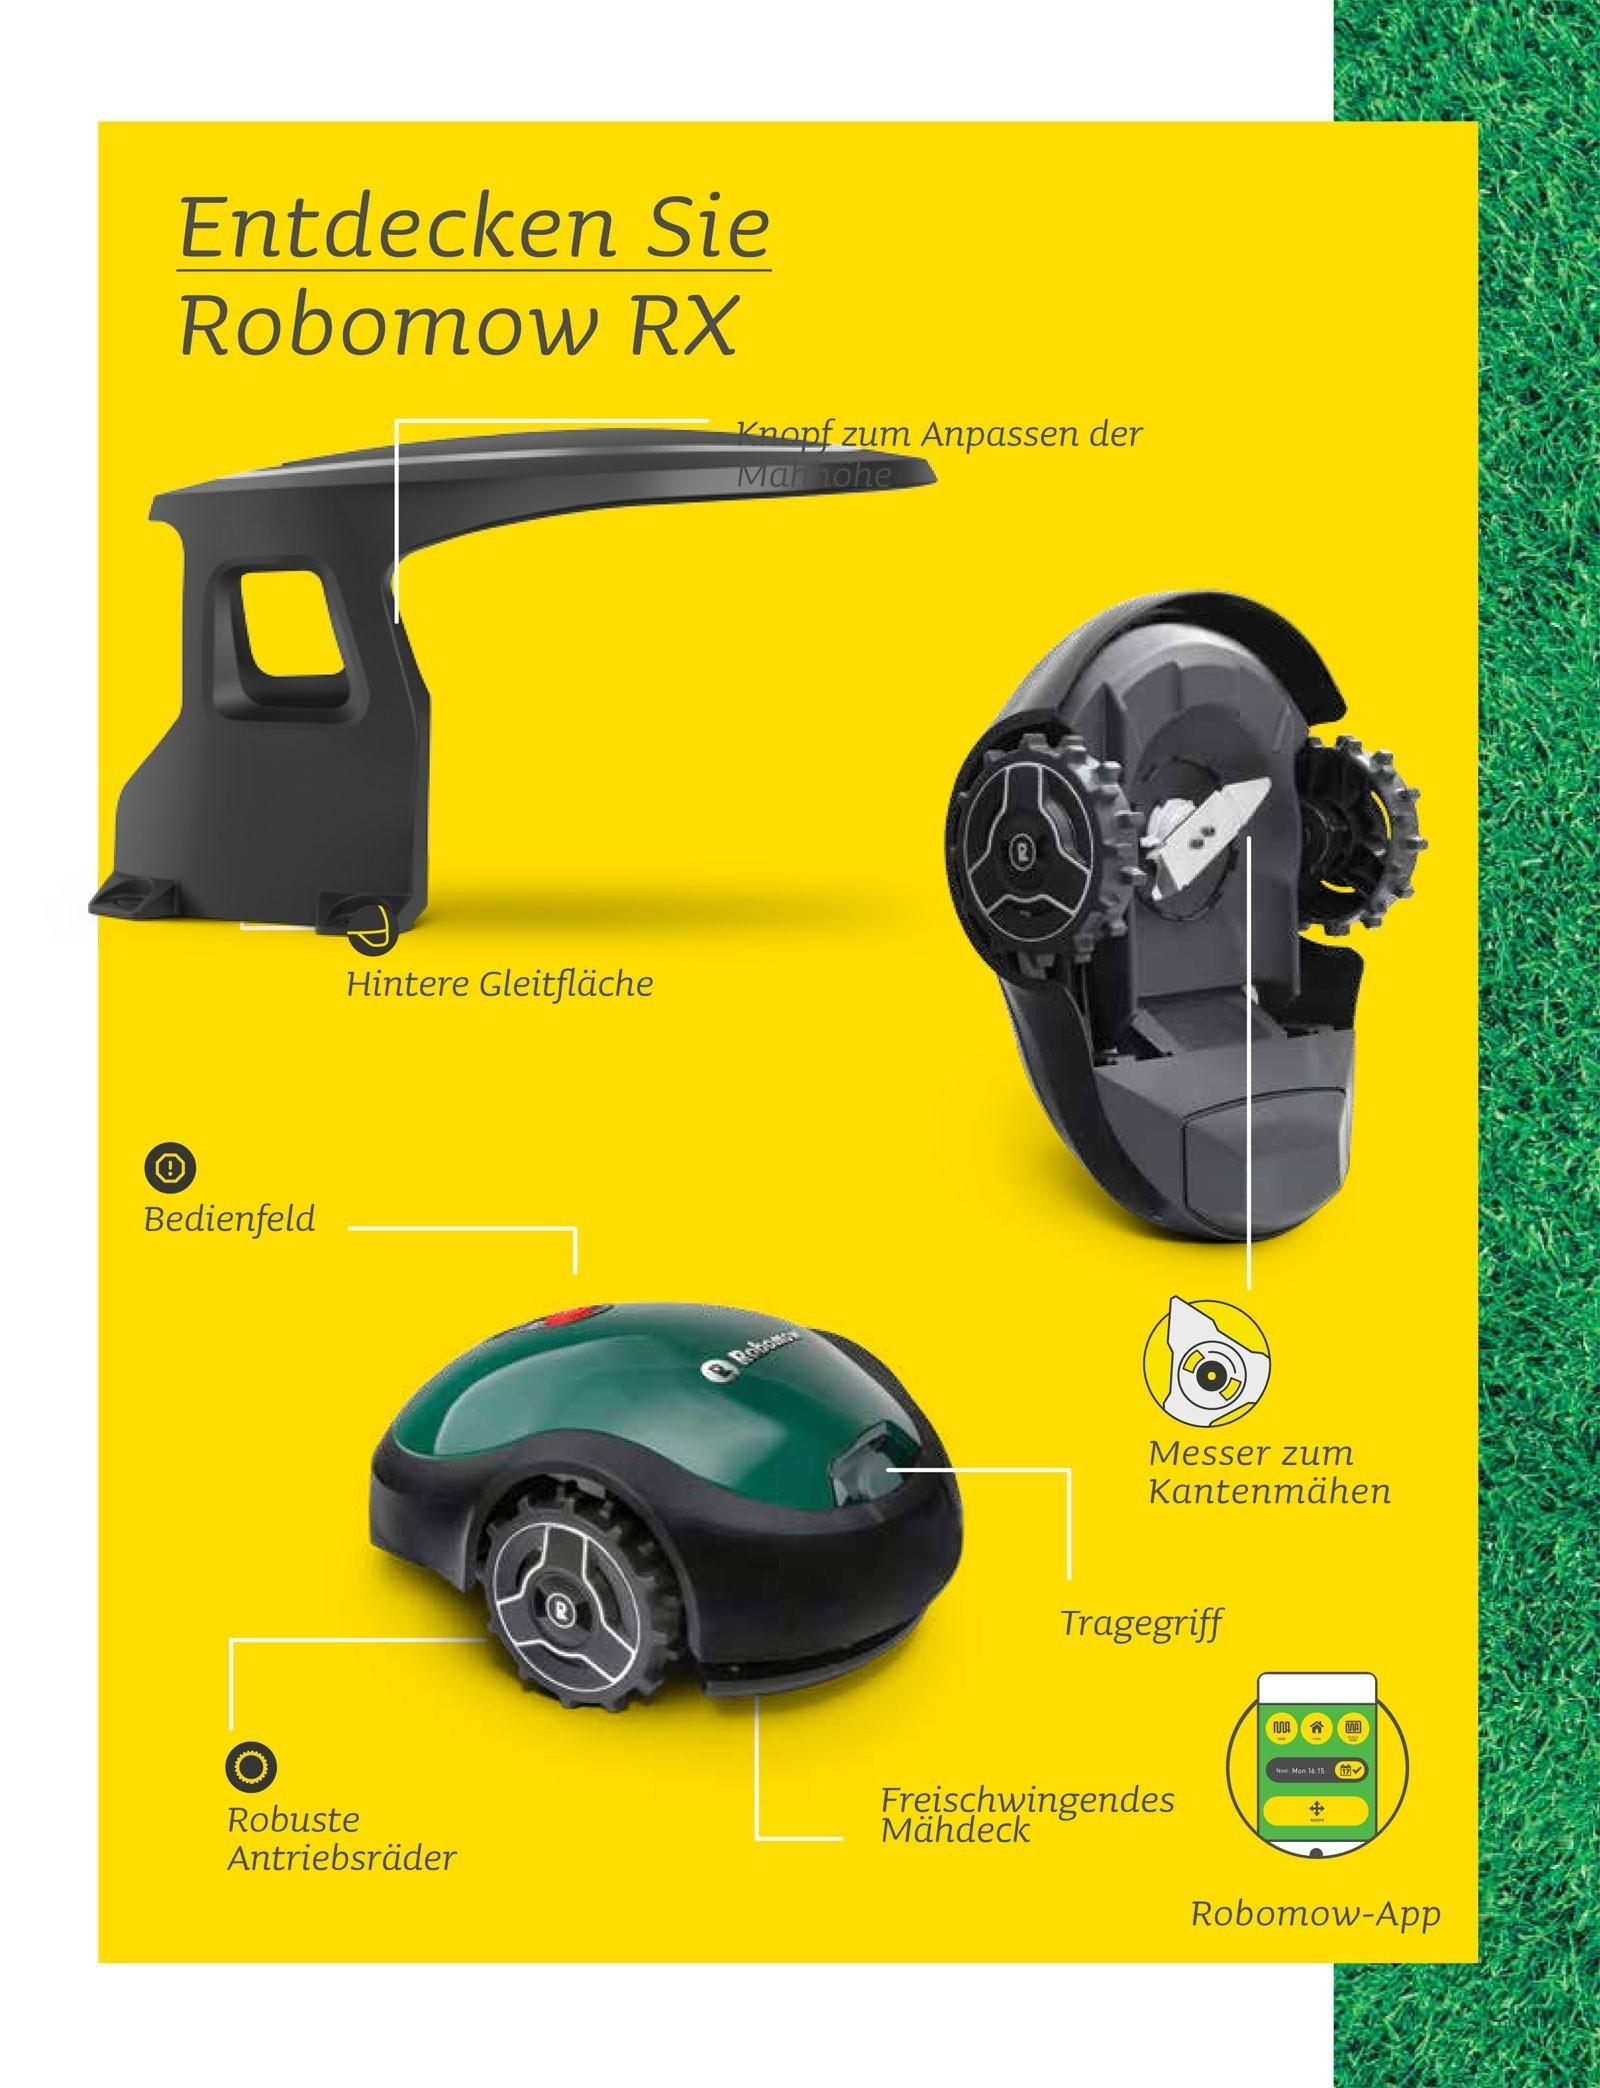 B-Ware Robomow Mähroboter / Rasenroboter RX Clever 12u  SB 18cm Bild 3